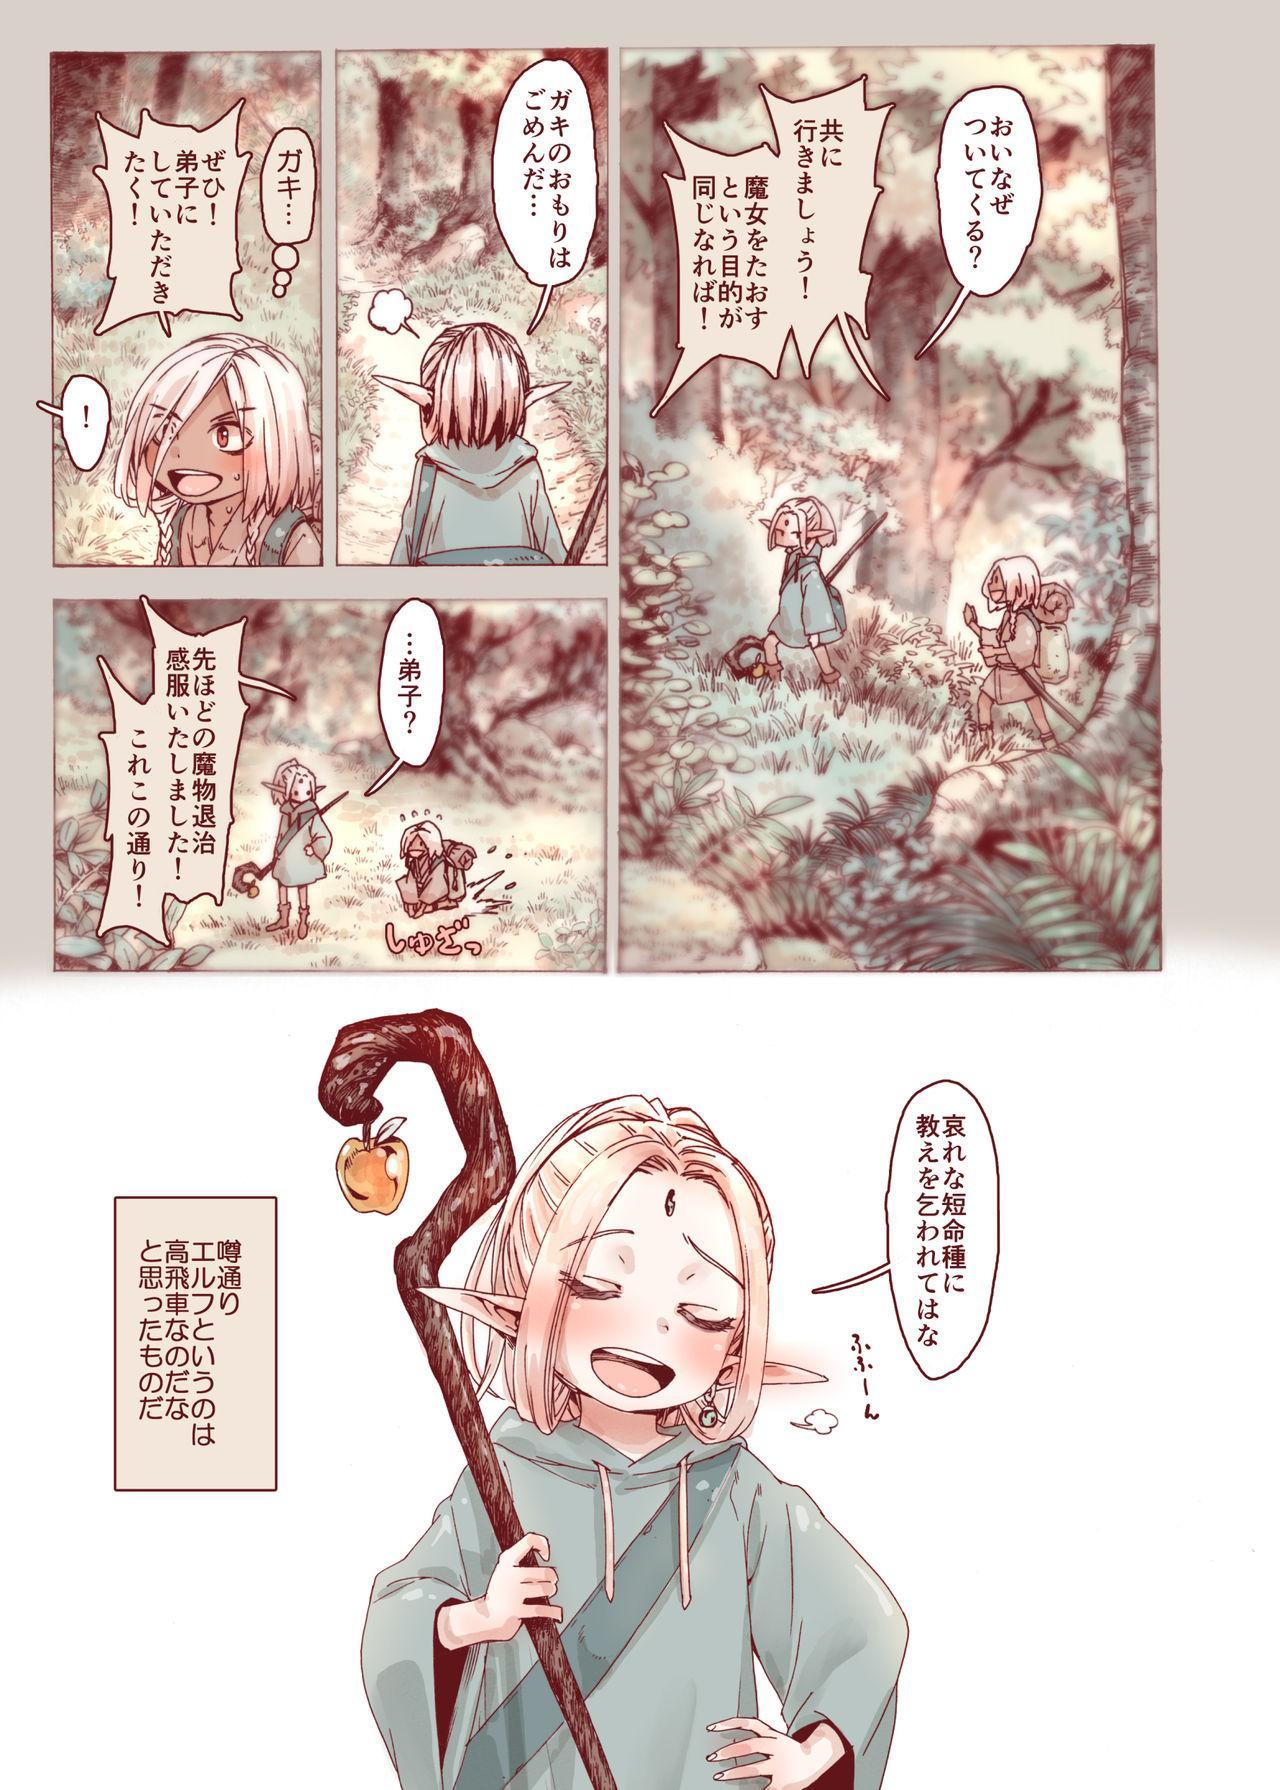 Daraku no Majo ~Shounen Yuusha to Tsurupeta Elf wa Ika ni Shite Majo ni Yabureta ka 40